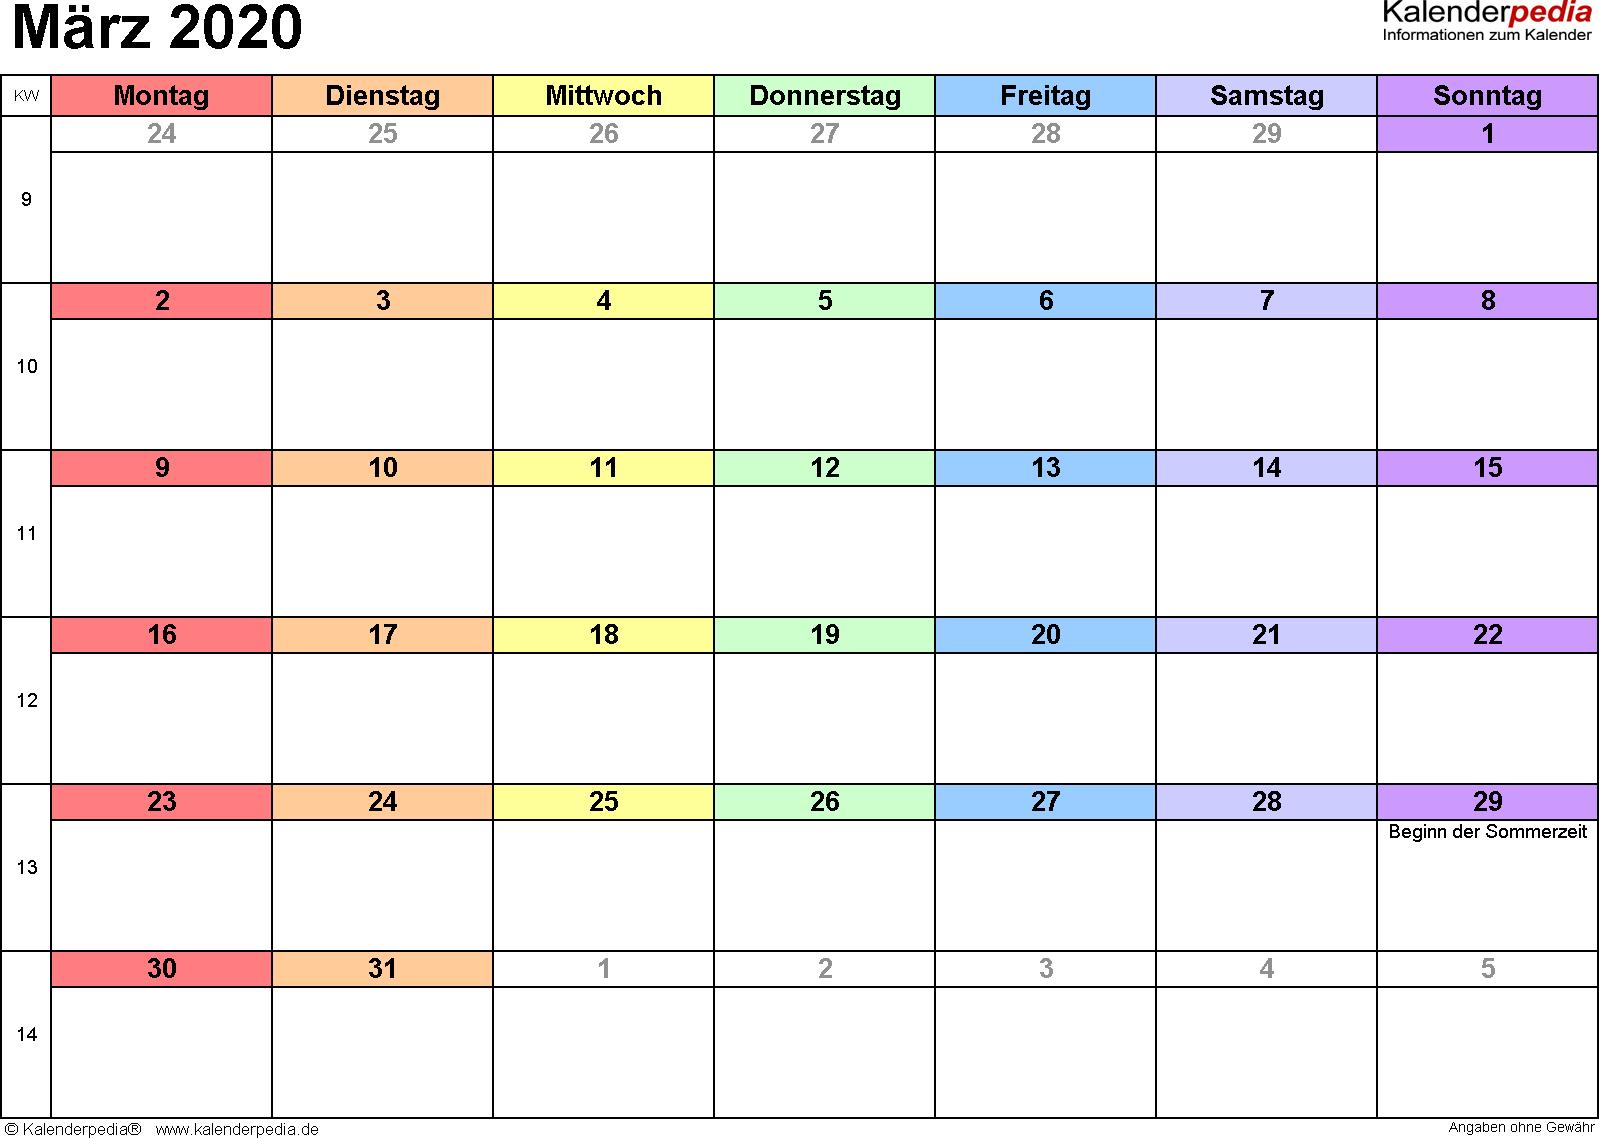 Kalender März 2020 (Querformat) als Excel-Vorlage